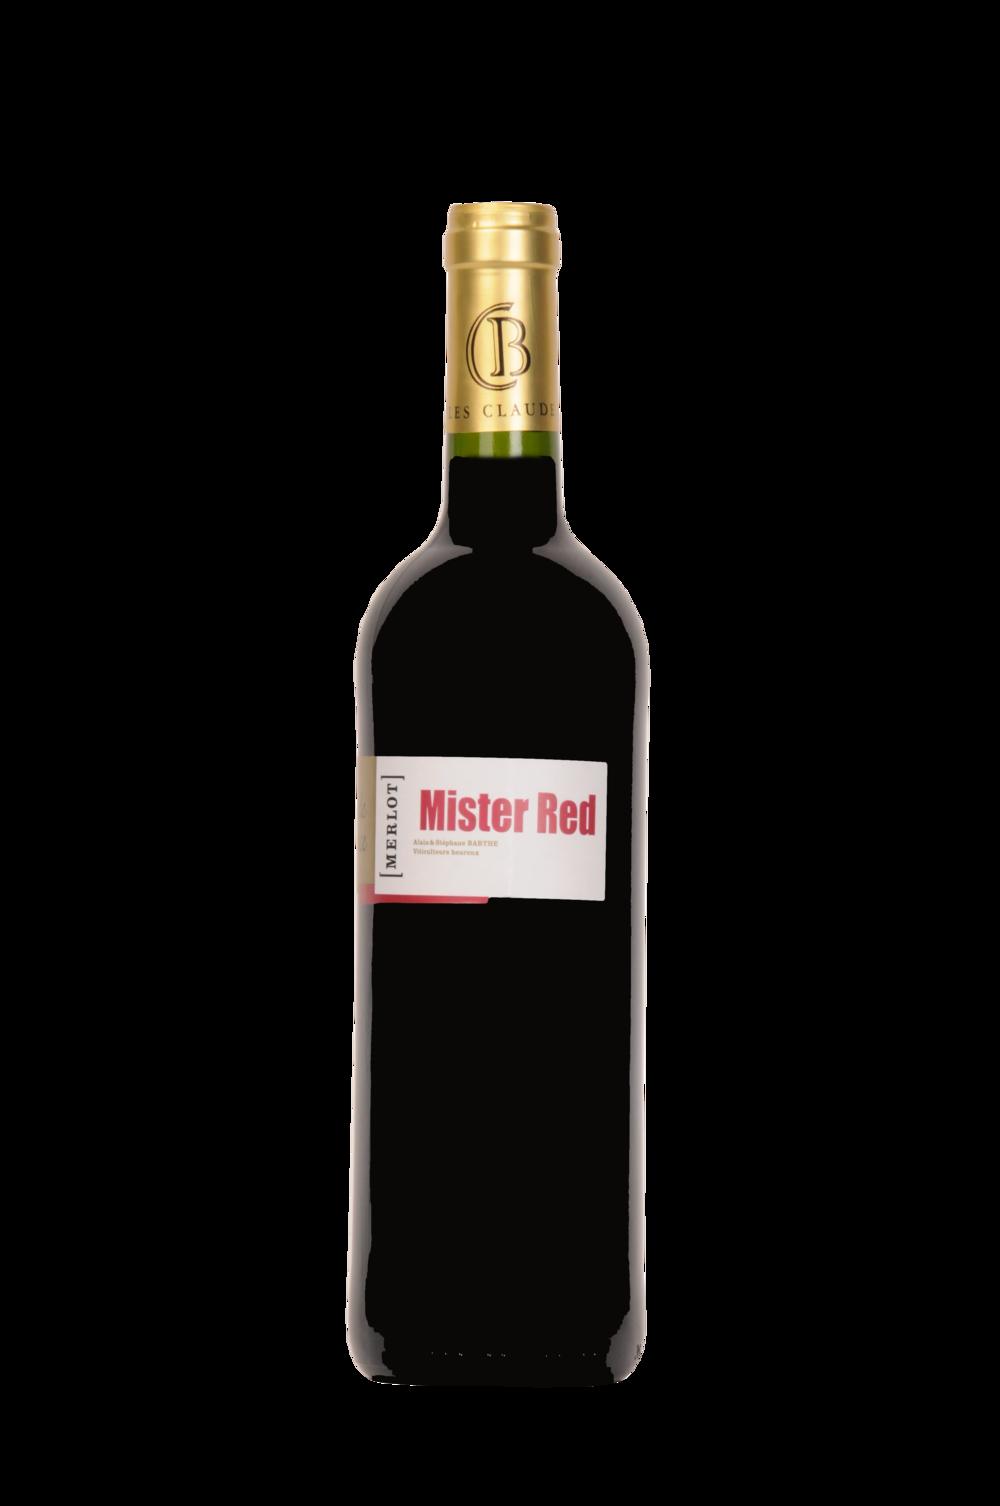 Sa présentation : - Dégustation : Ce vin rouge au nez fruité développe en bouche des notes de cassis & framboise. Alliant rondeur et puissance, il se révèle long en bouche Agneau, dinde, quiche, tarte aux légumes, viandes rouges grillée.Le Vignoble : 50 Ha – 38Ha en rouge 16 en blanc - Age moyen du vignoble 30 ans,Le Sol : Coteaux limono-argileux, & boulbène.L'Encépagement : 100% Cabernet Franc.Le Chai : Entièrement thermo régulé, d'une capacité totale de 8 000 Hl. Notre chai est un outil très fonctionnel, qui nous permet de vinifier et de nous adapter aux aléas de chaque récolte.La Vinification : Vendange mécanique. Durée de la cuvaison 21 jours environ Récolte de la vendange, éraflage, Saignée (5 à 10%)Ensemencement puis fermentation sous thermorégulation Remontage. Délestage à mi-fermentation. Fermentation malo-lactique sur marcElevage dans nos chais entre 12 et 18 mois Assemblage avant mise en bouteille à la propriété.La production moyenne : 25 000 cols